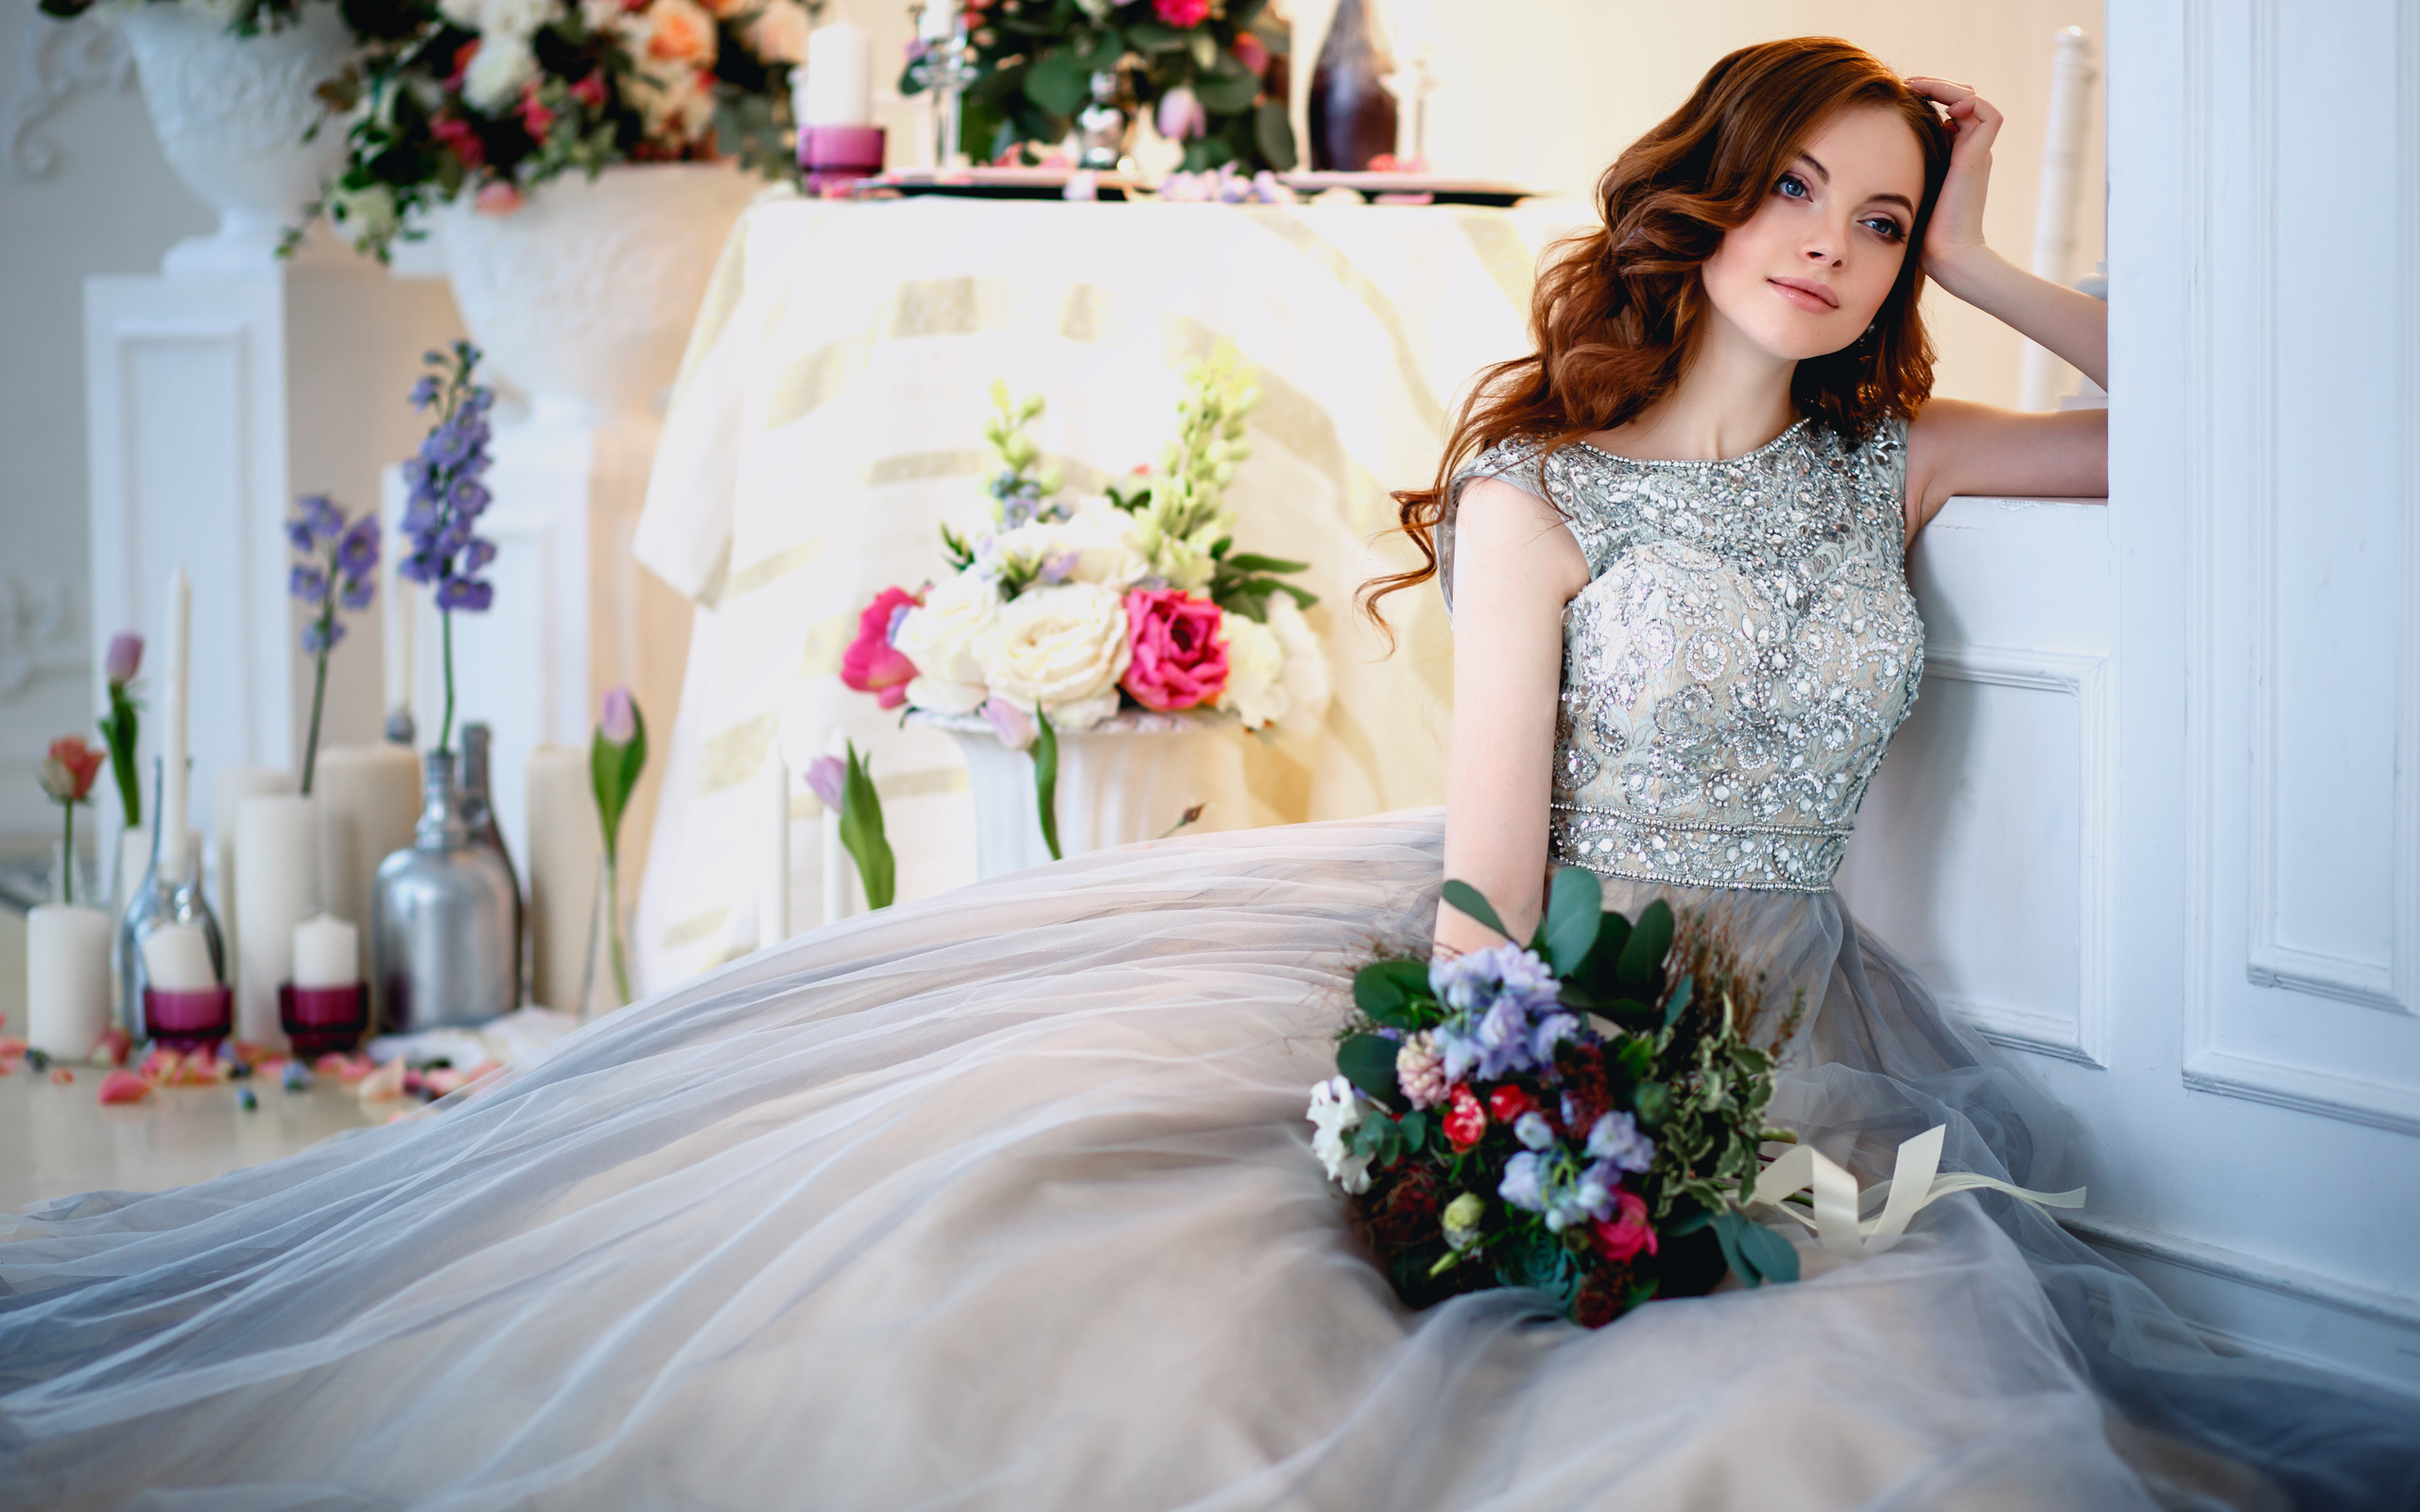 Картинки платьев для девушек свадебные